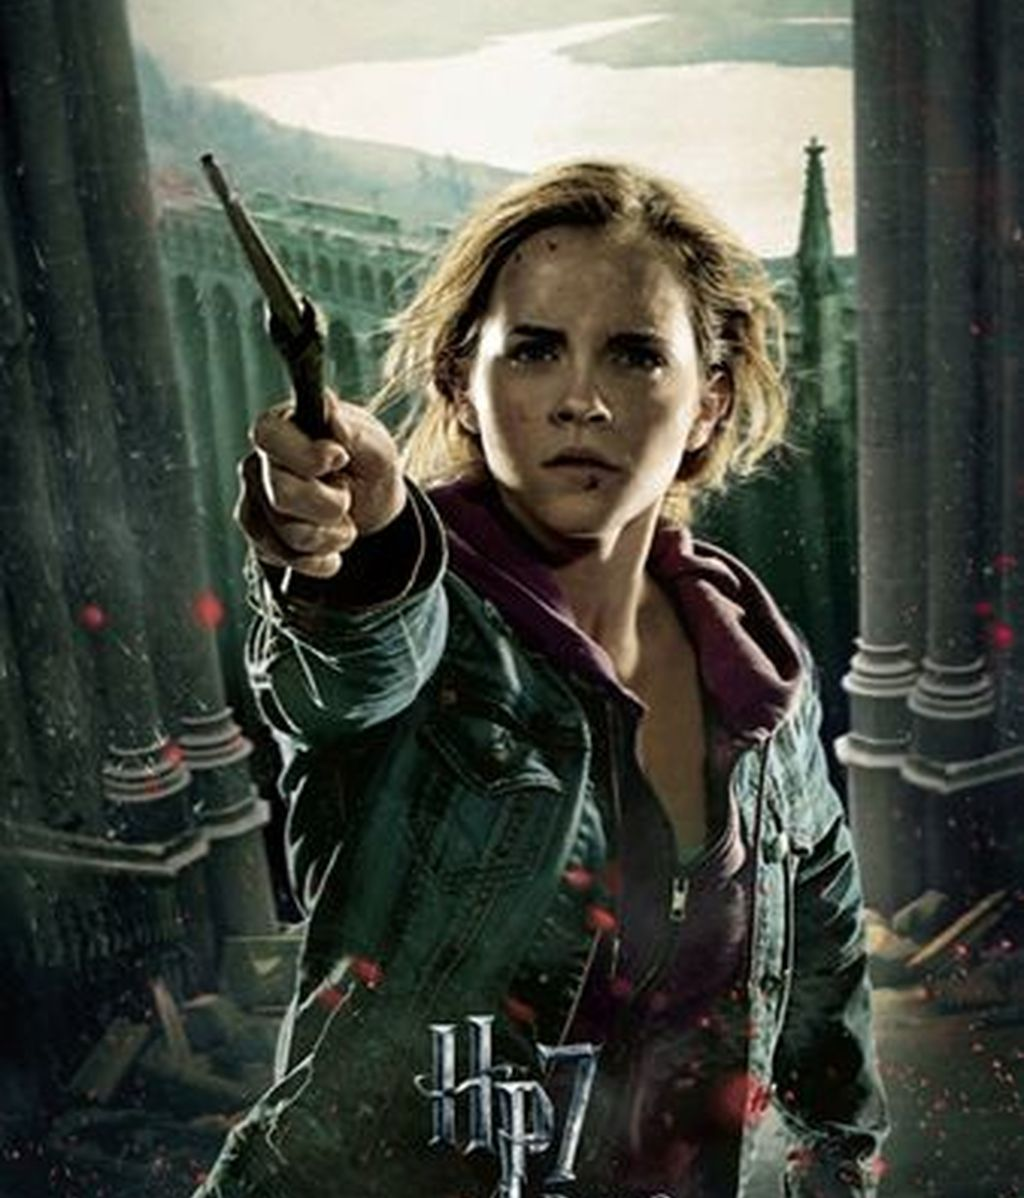 Once carteles y una película, la de Harry Potter